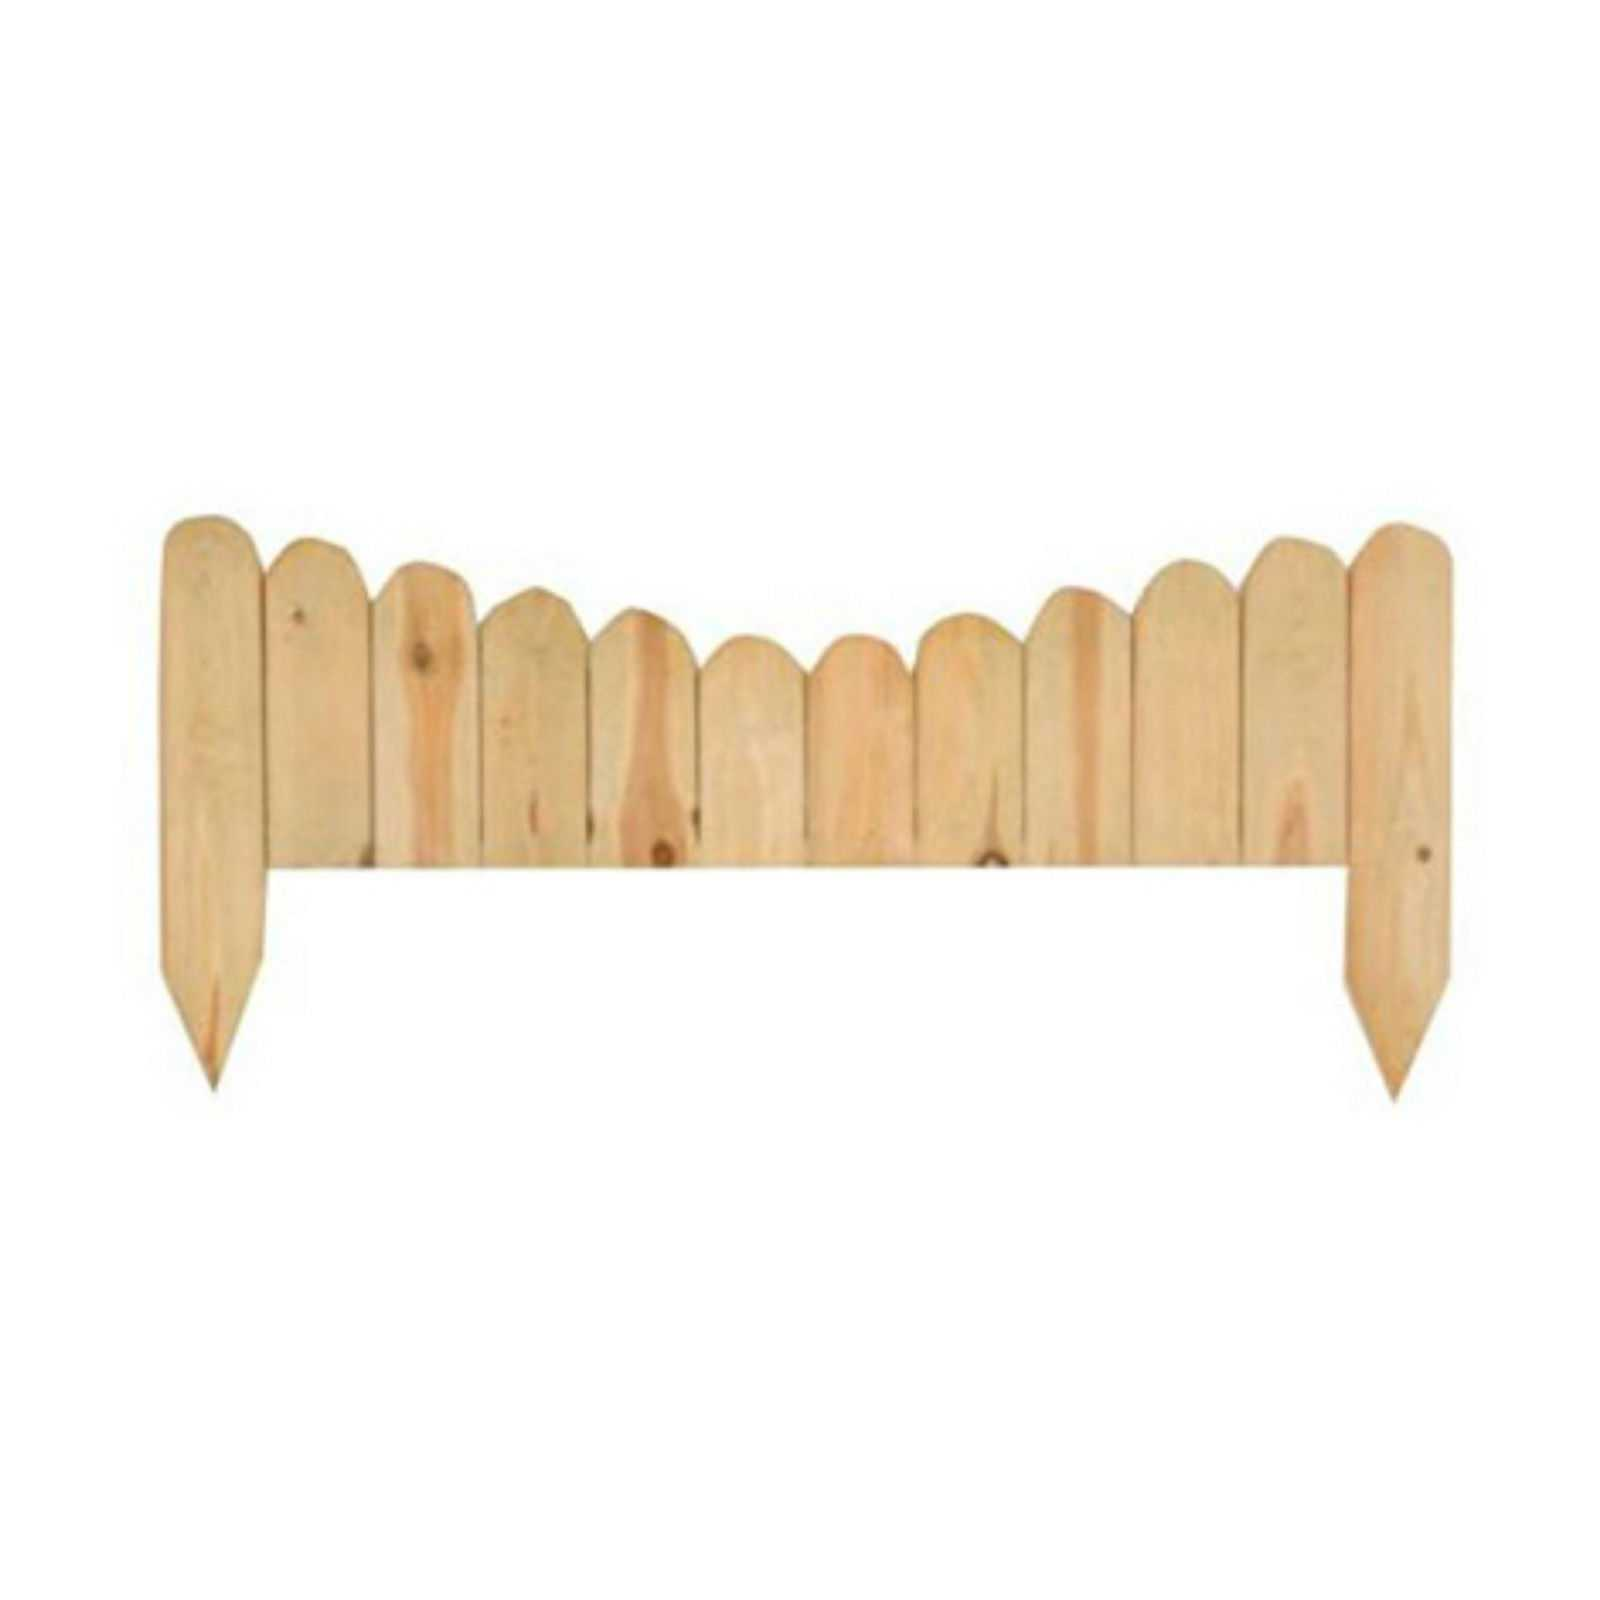 Steccato in legno di pino impregnato adatto per delimitare aree outdoor